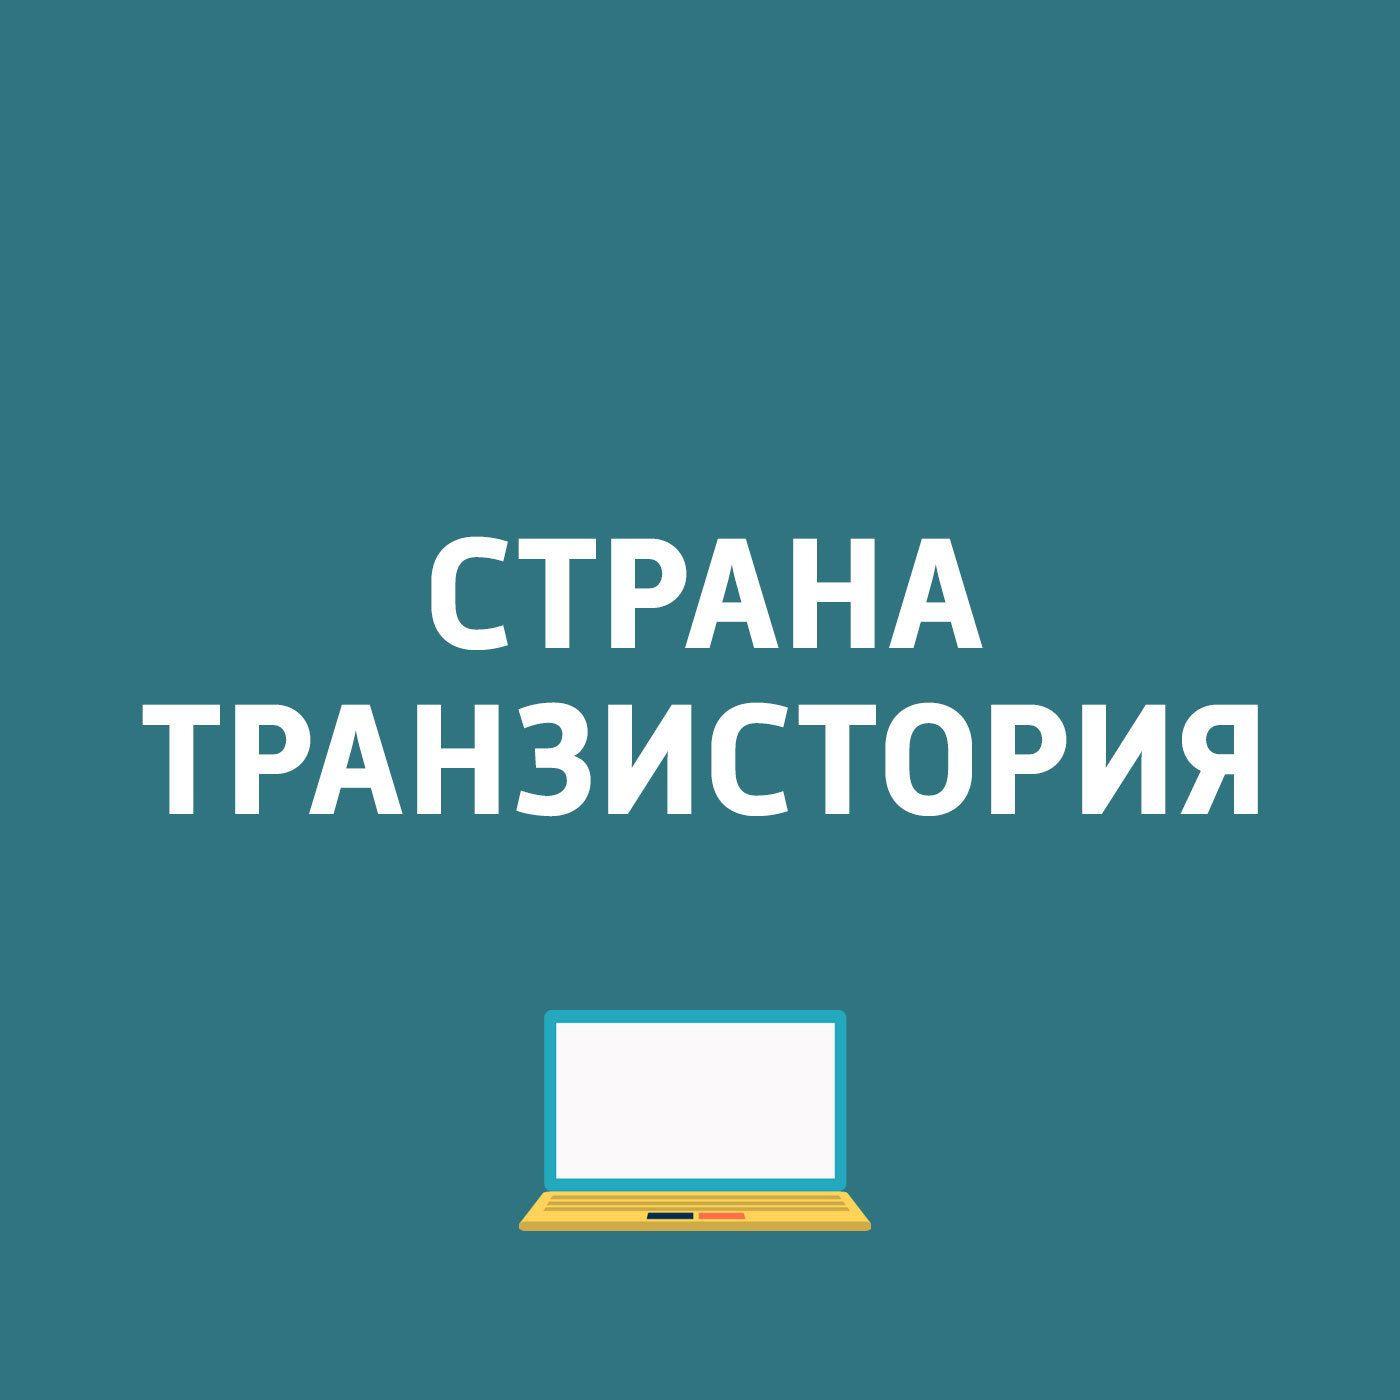 Фото - Картаев Павел Вредны ли эйрподсы? mail ru group объявила о запуске нового мессенджера tamtam